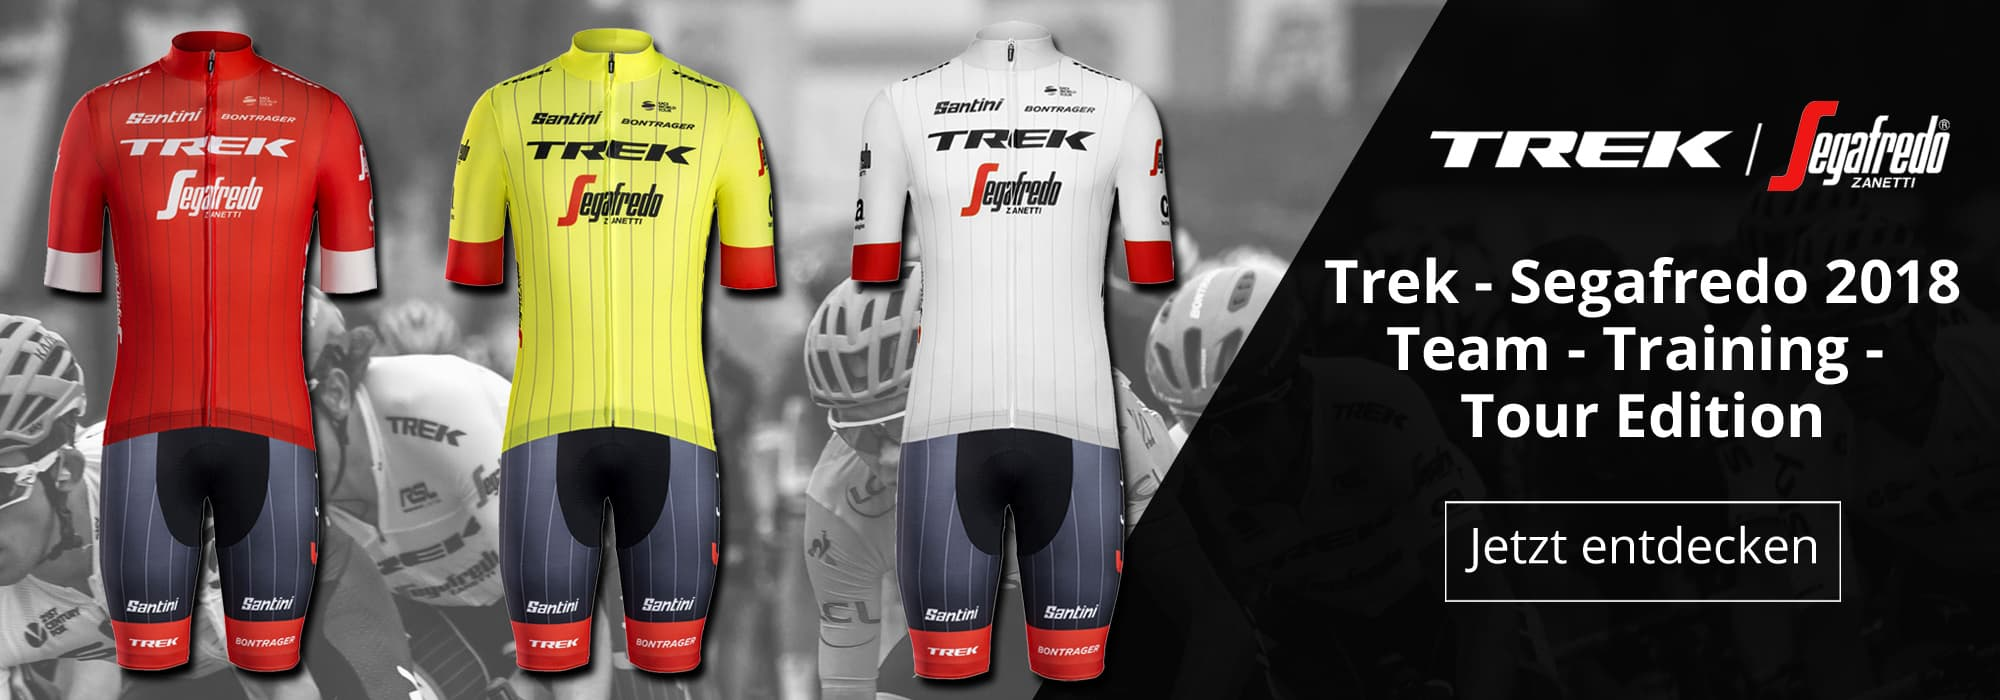 Trek - Segafredo Team, Training und Tour Edition